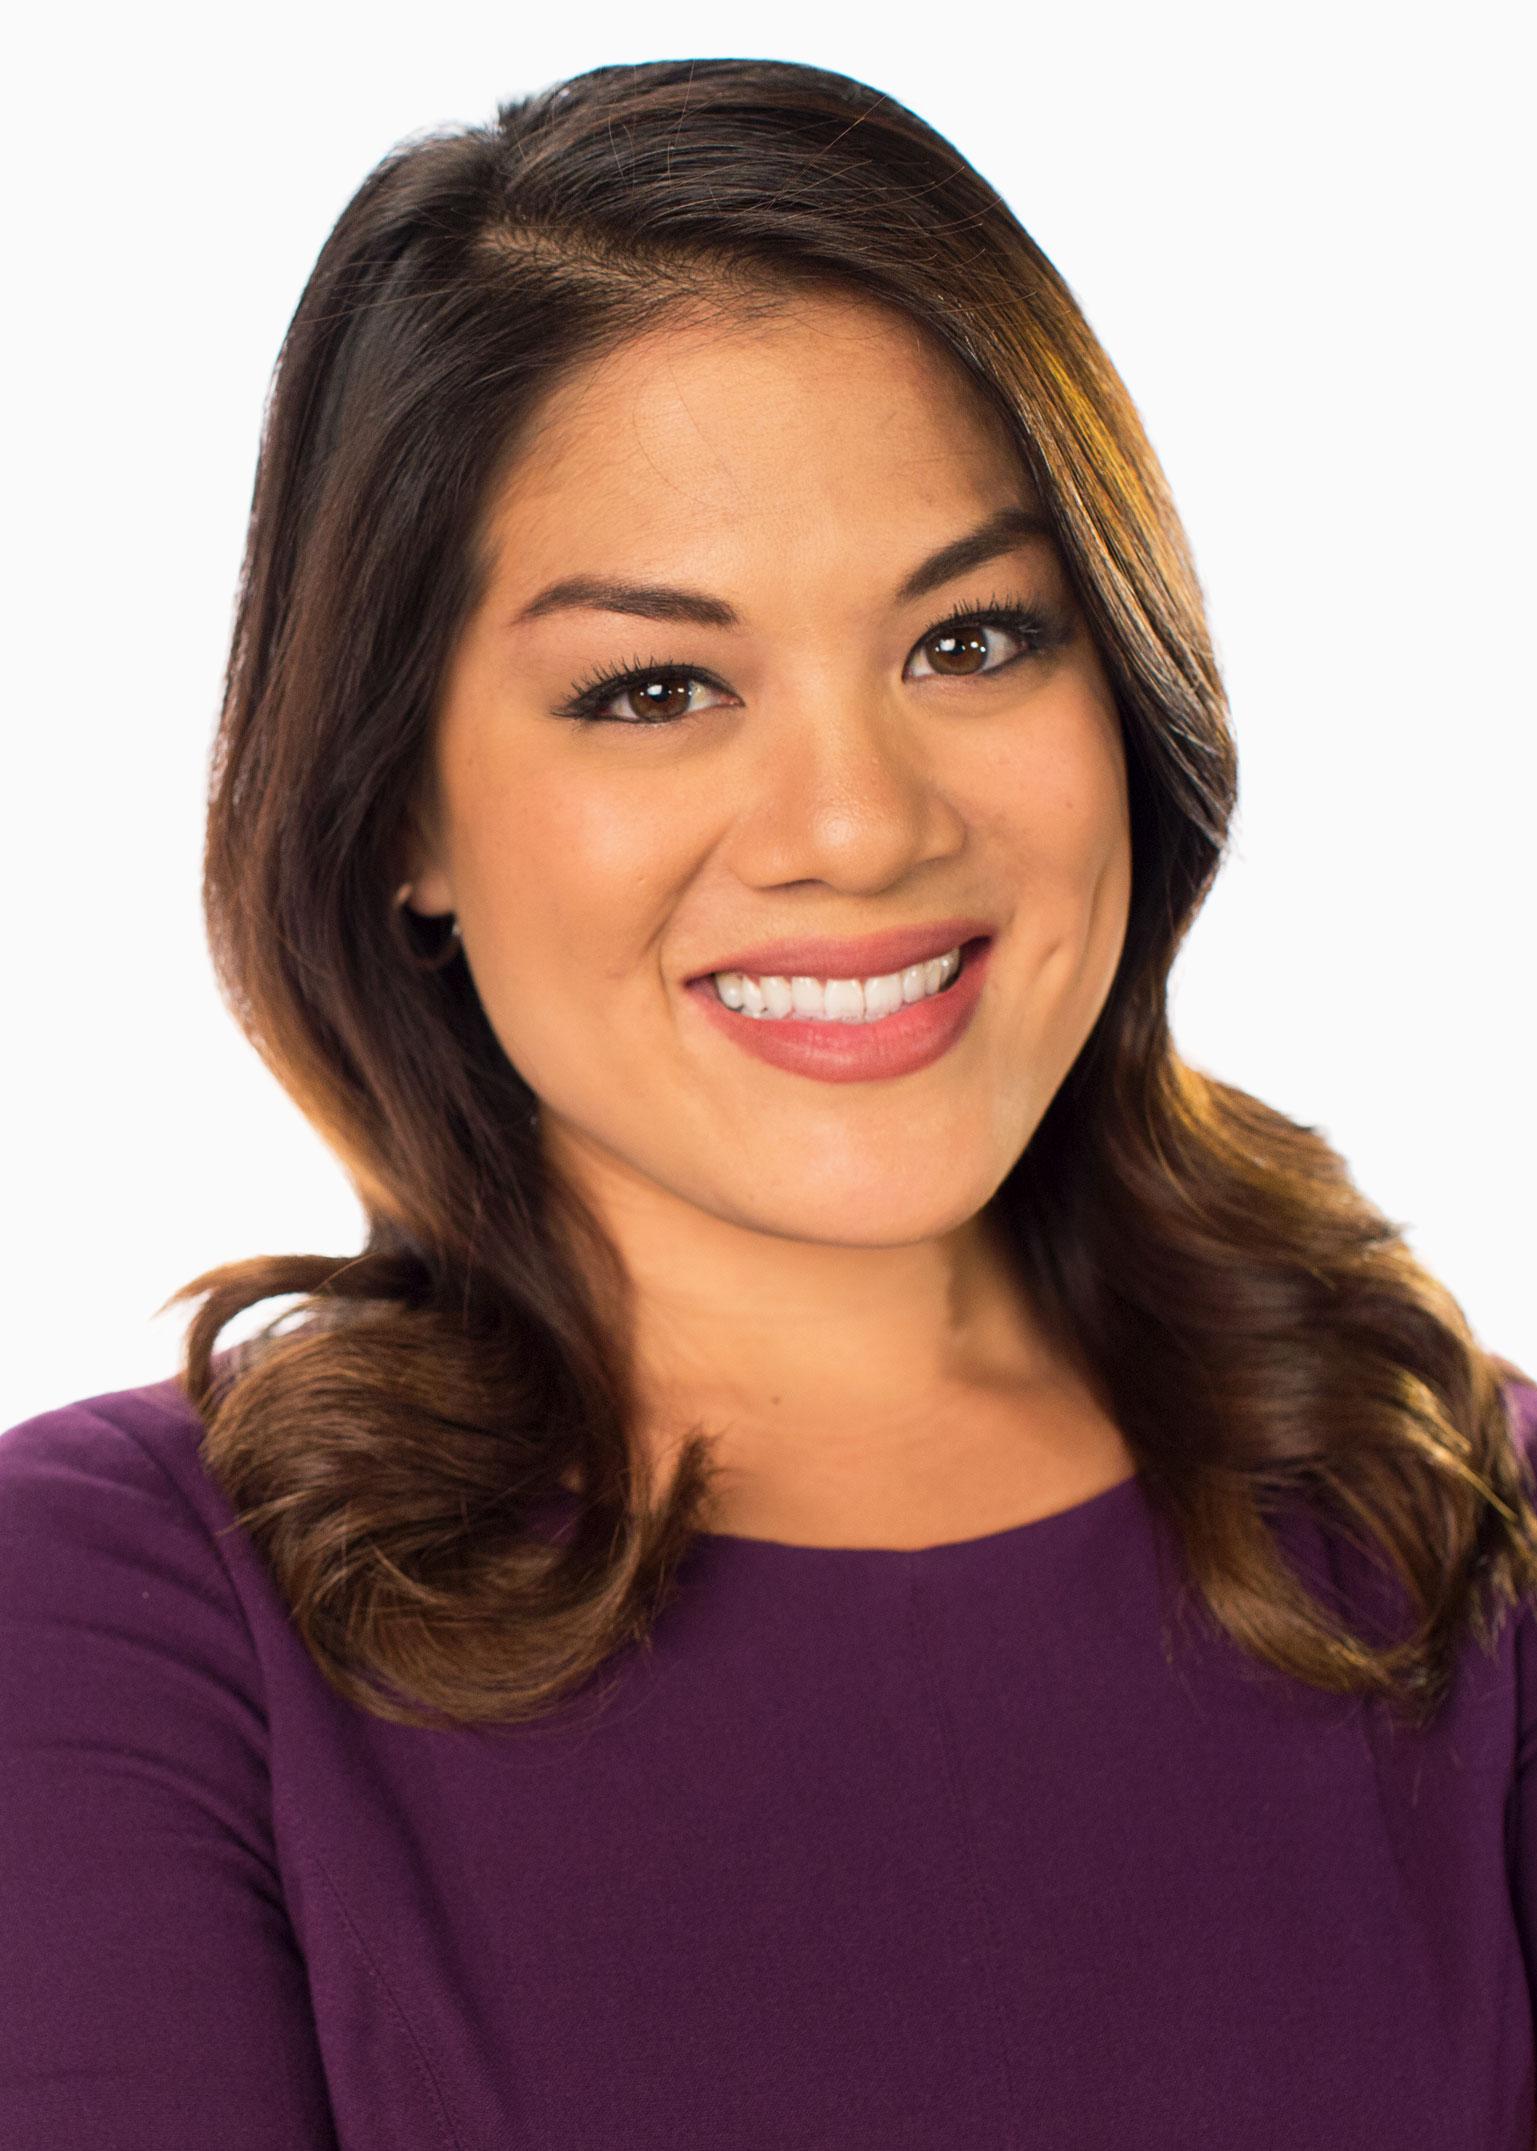 Candice Nguyen